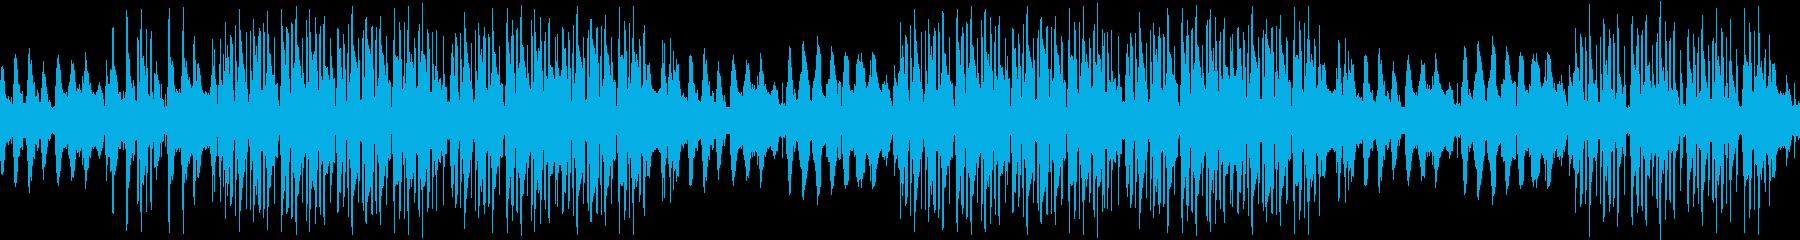 ギター・葛藤・不安・動揺・夜・ループの再生済みの波形